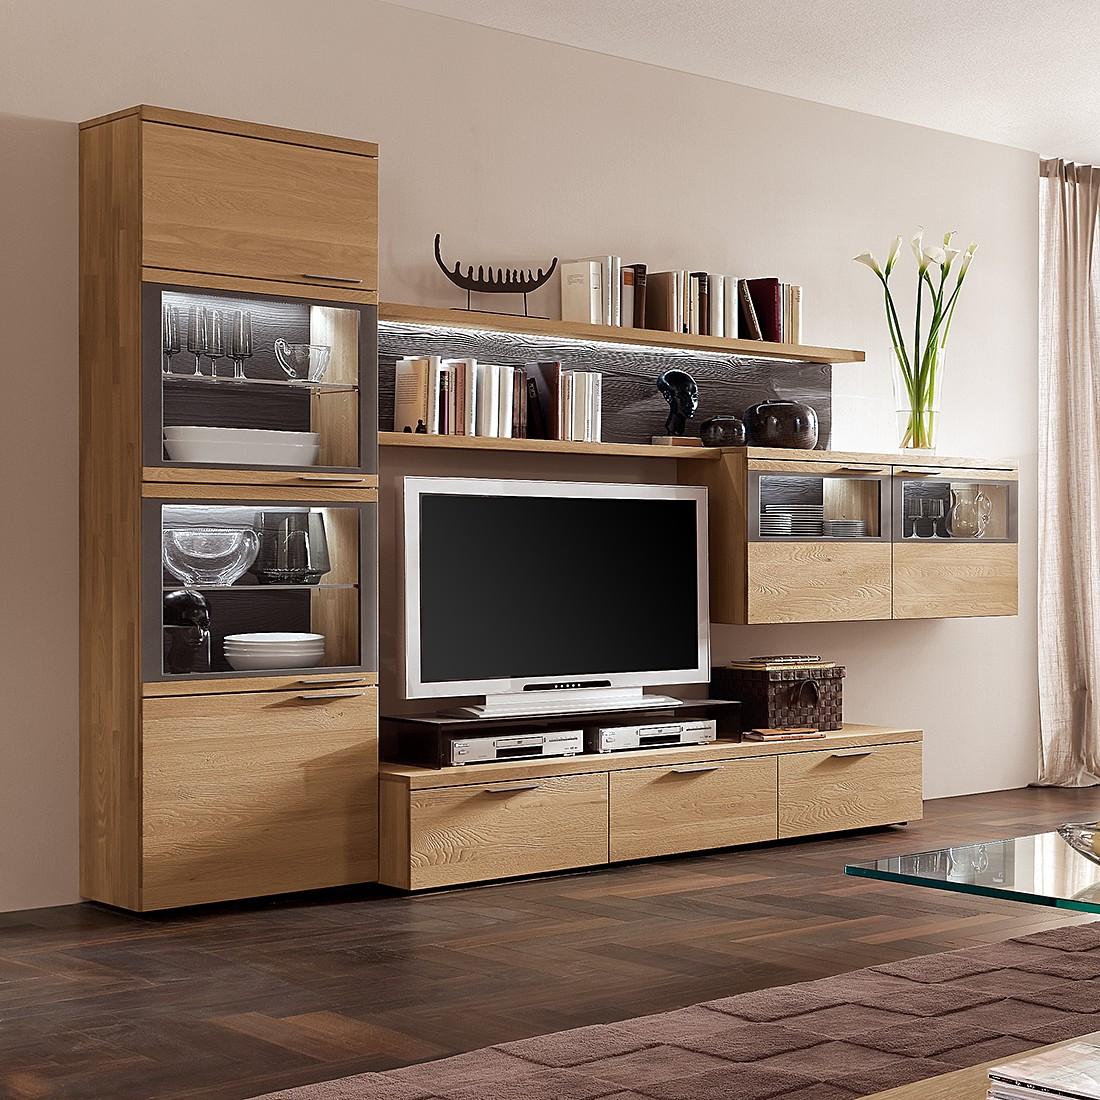 wohnwand ohne tv cheap schrankwand ohne tv wohnwand tlg schwarz plans with wohnwand ohne tv. Black Bedroom Furniture Sets. Home Design Ideas